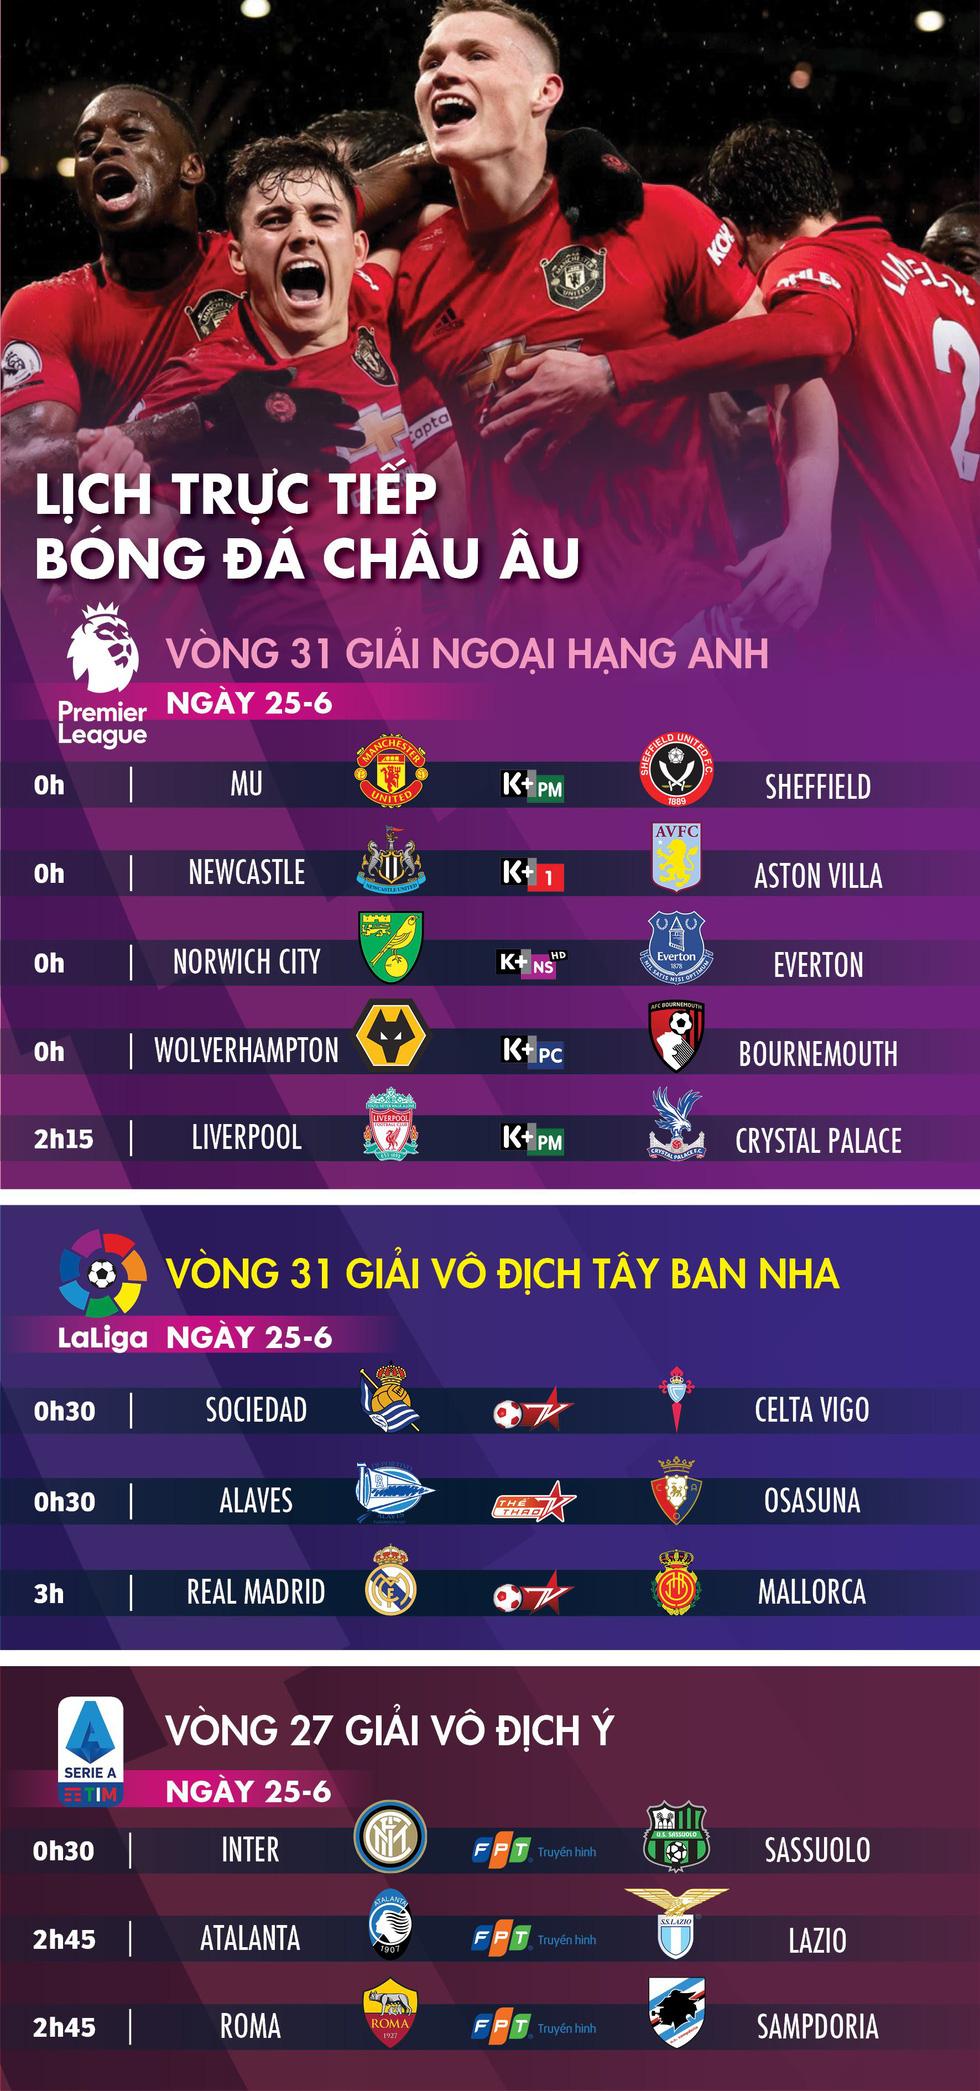 Lịch thi đấu, trực tiếp bóng đá châu Âu ngày 25-6: Nhiều đội bóng lớn ra quân - Ảnh 1.